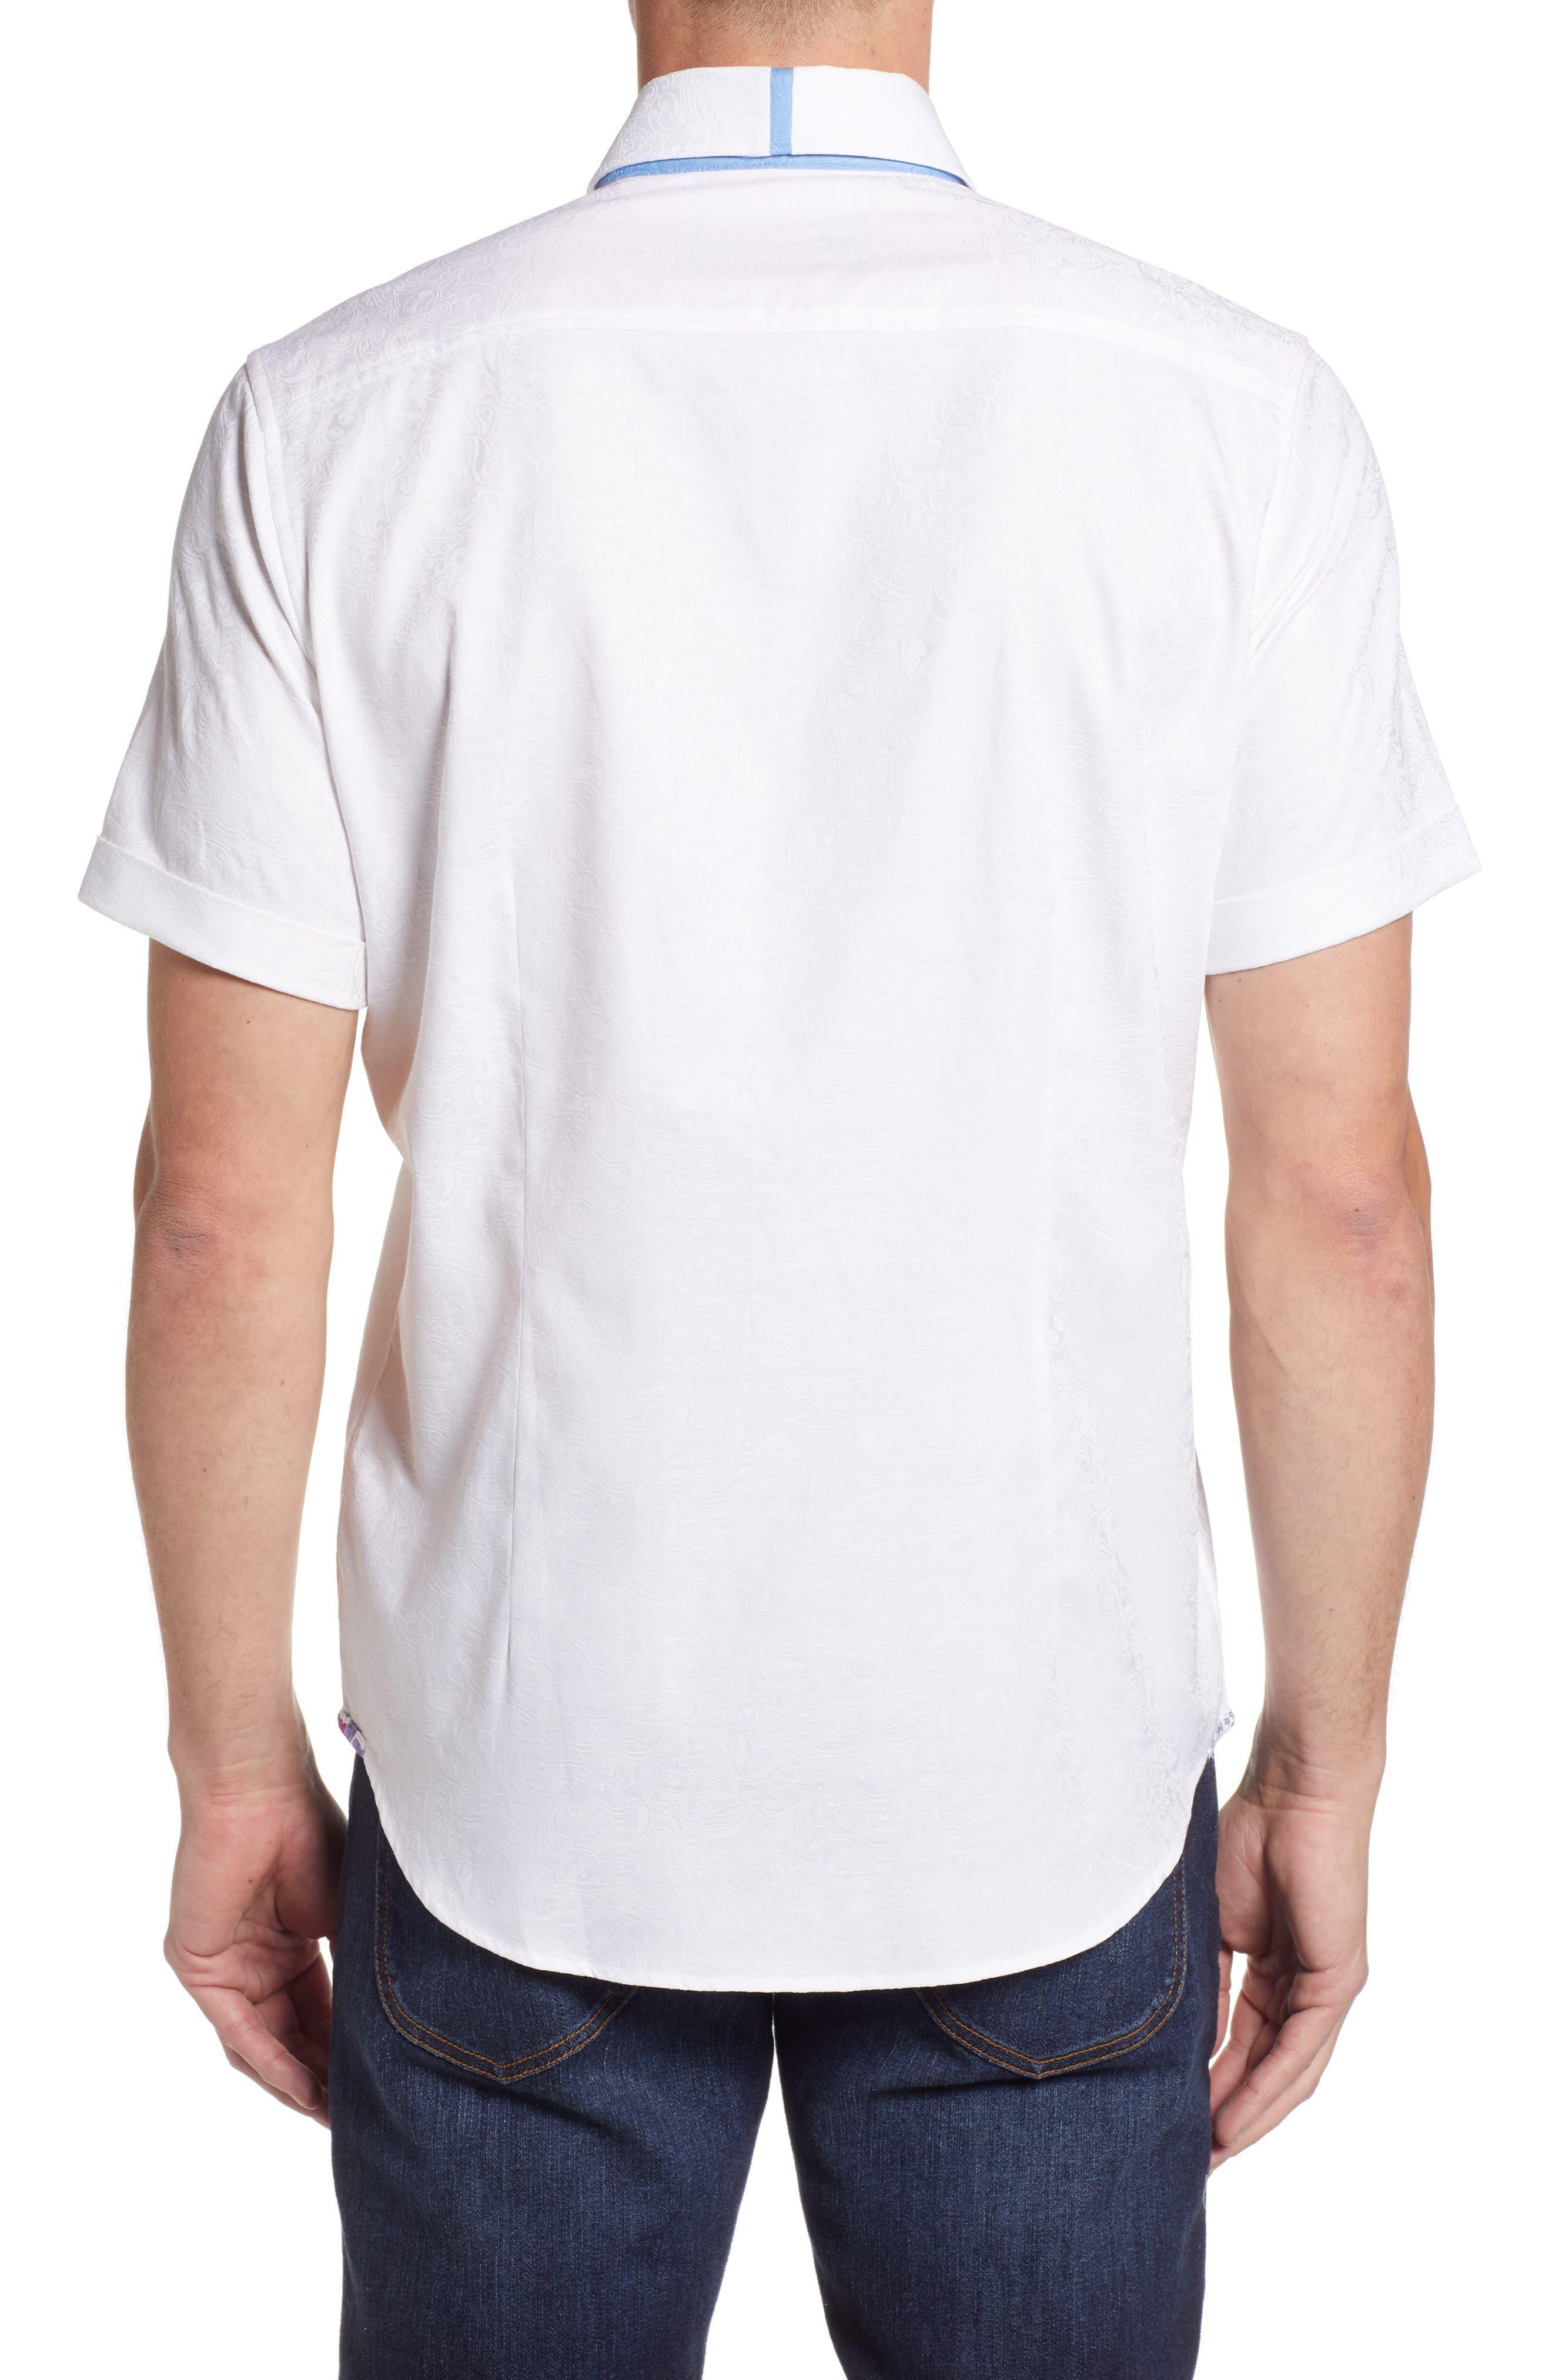 Abbott Sport Shirt,                             Alternate thumbnail 3, color,                             100